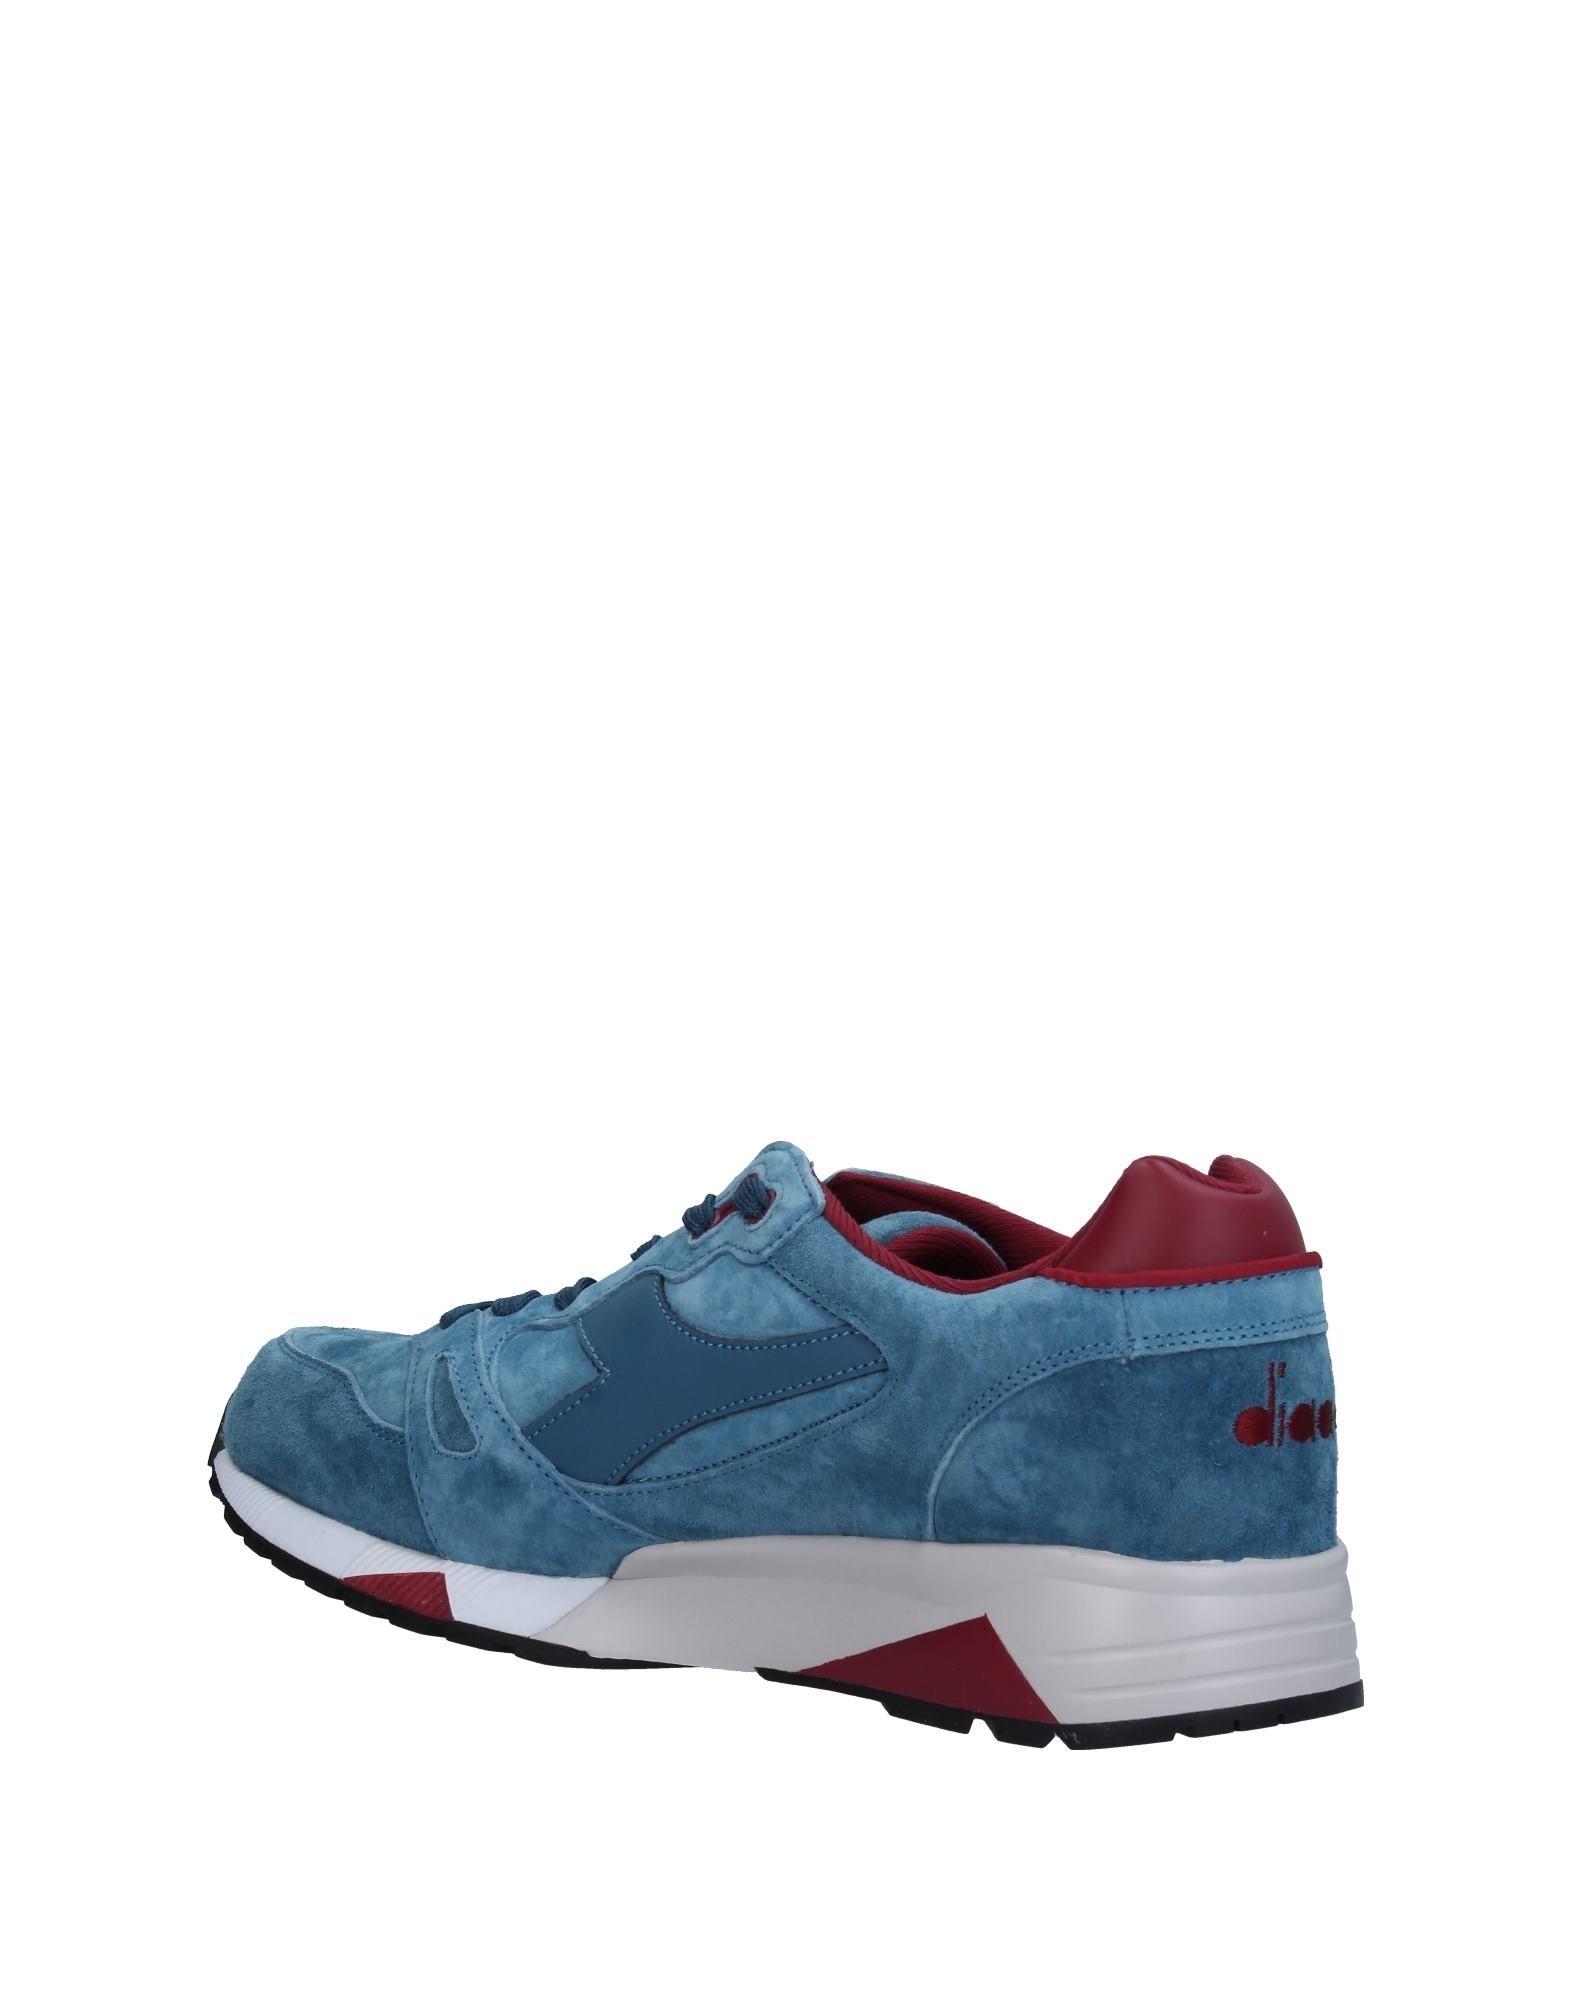 Diadora Sneakers Herren  Schuhe 11331328HW Heiße Schuhe  685ffa